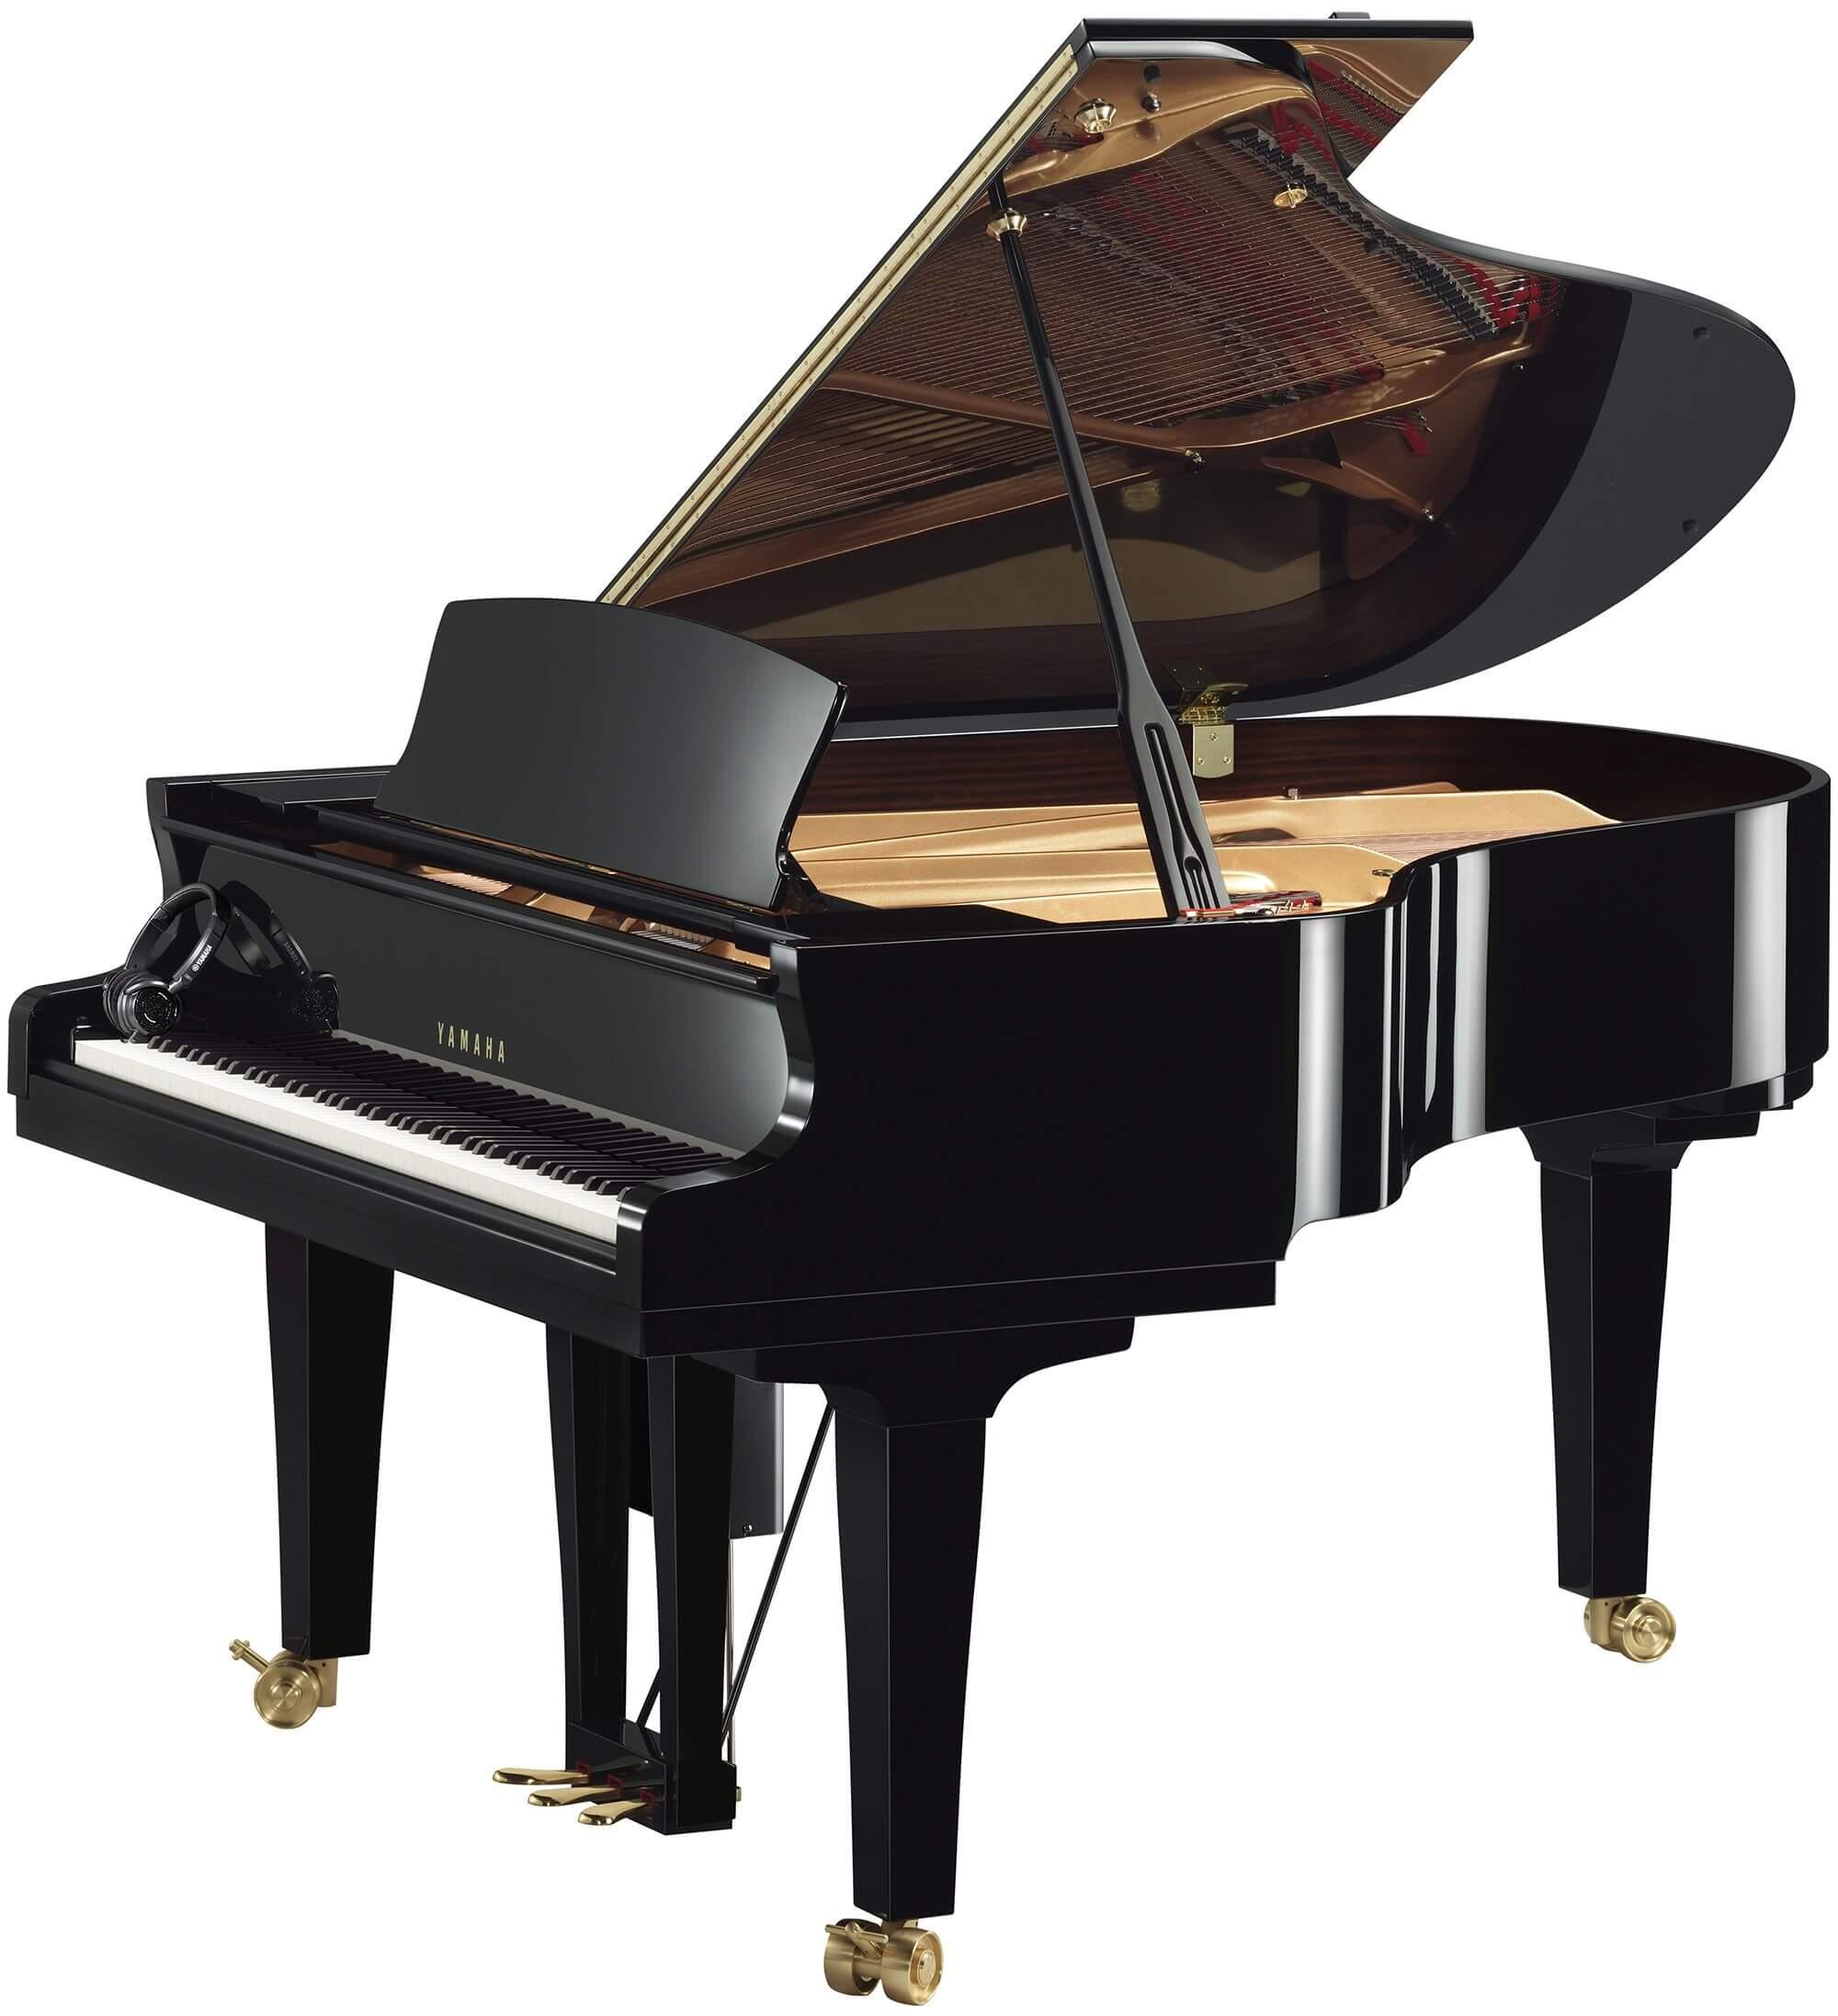 Piano de Cola Disklavier Yamaha S7X ENSPIRE PRO 227Cm Negro pulido